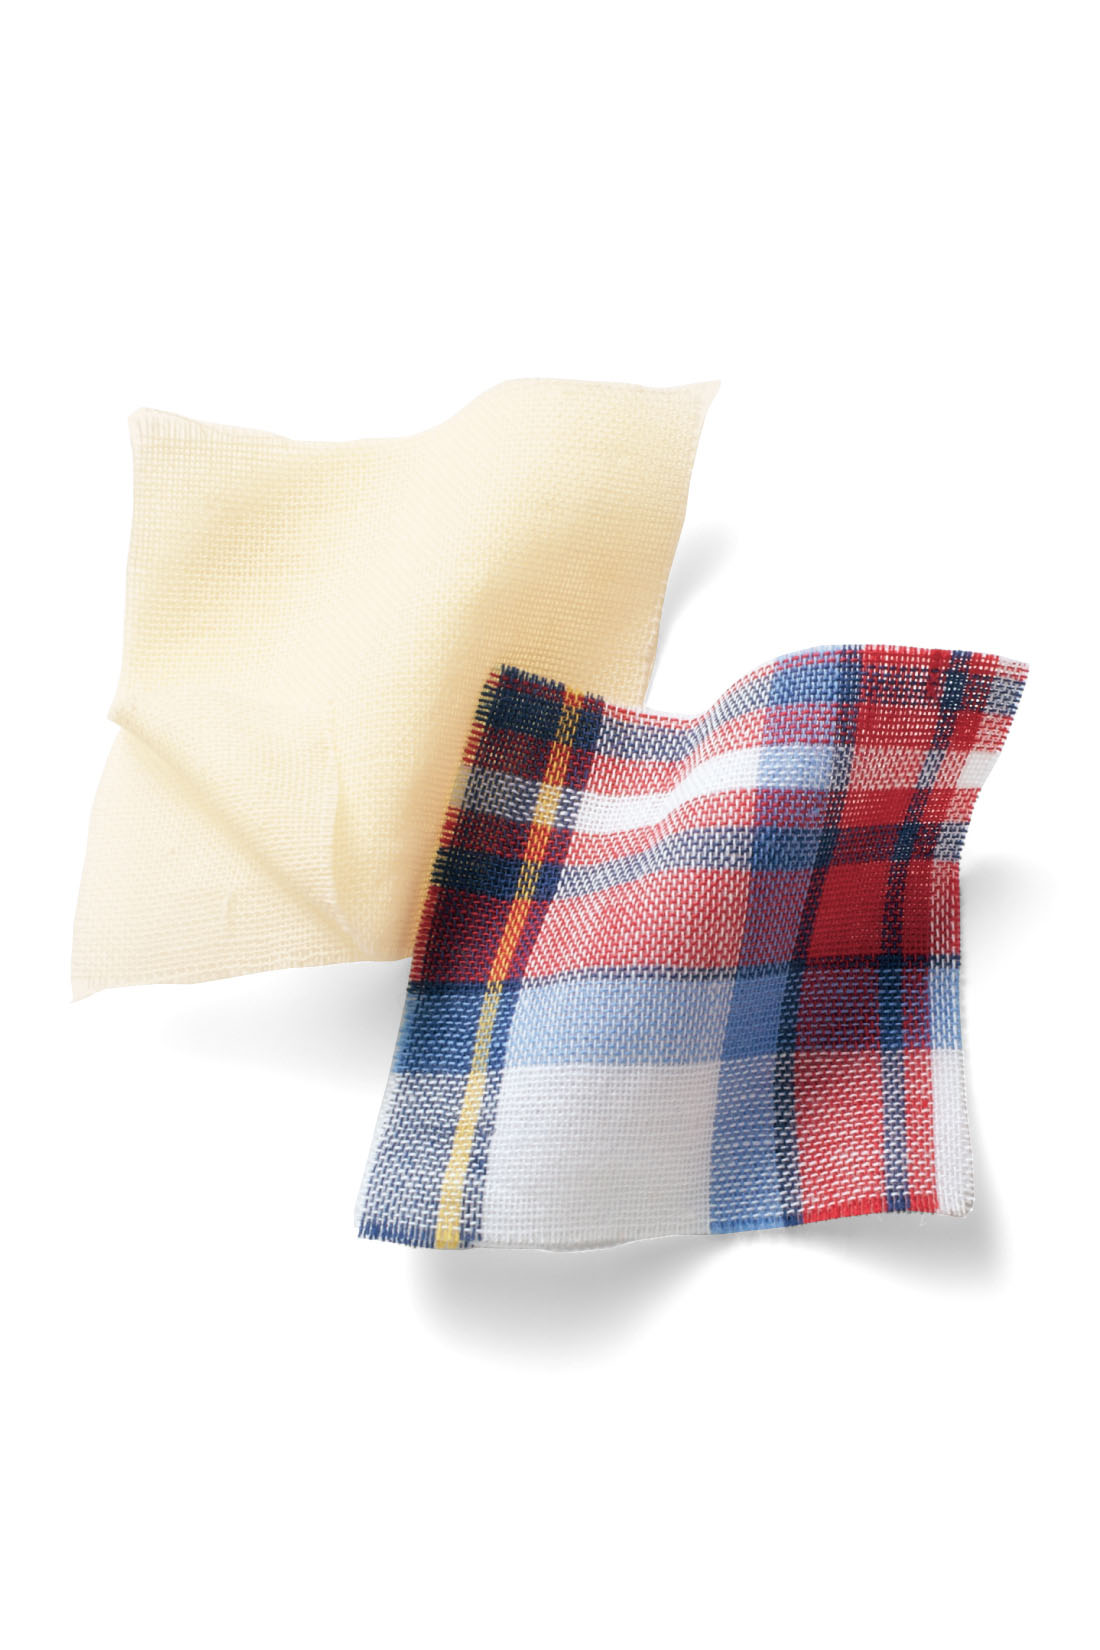 ガーゼ素材を二層に重ねた綿100% のダブルガーゼは、空気を含んだようなふっくらとした肌ざわりが特長。ノンアイロンでラフに着こなせるうえ、洗うほどに心地いい風合いに。